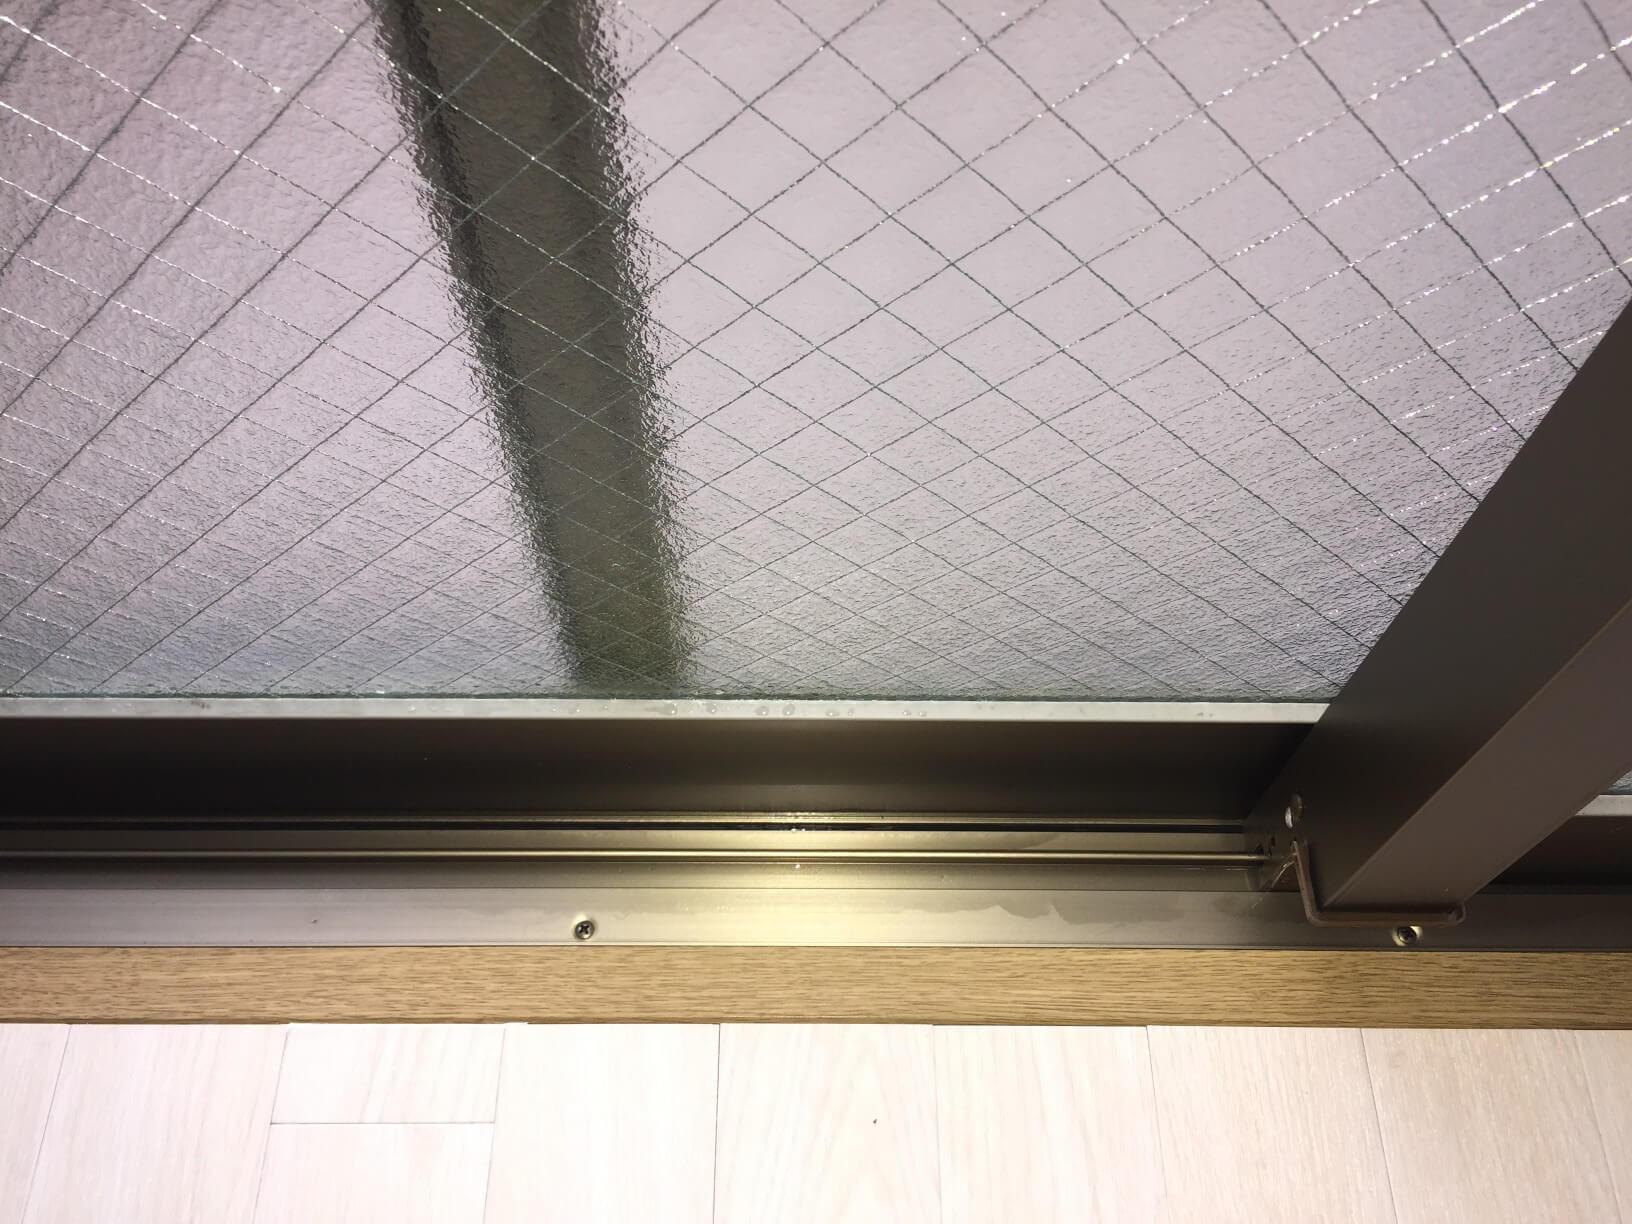 伊丹市 頑固な汚れもプロがピカピカに♪ガラスサッシ、網戸クリーニング、窓、隅々まで徹底洗浄いたします!お掃除のことならおそうじプラスへ